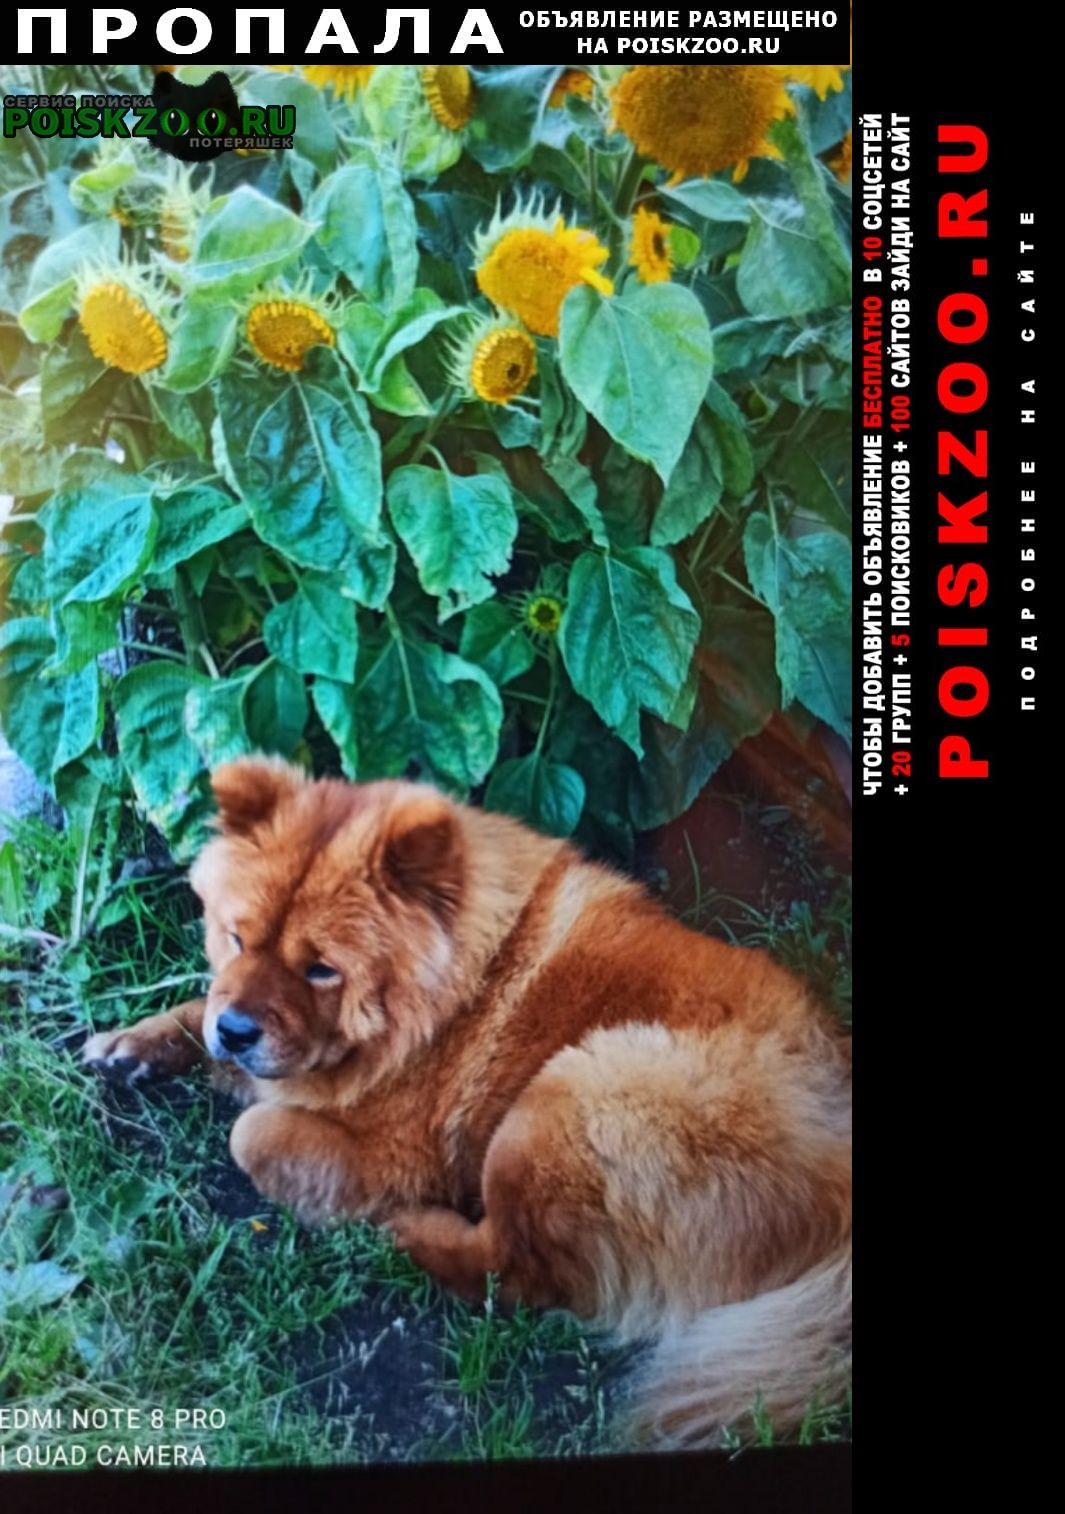 Пропала собака чау-чау Ярославль